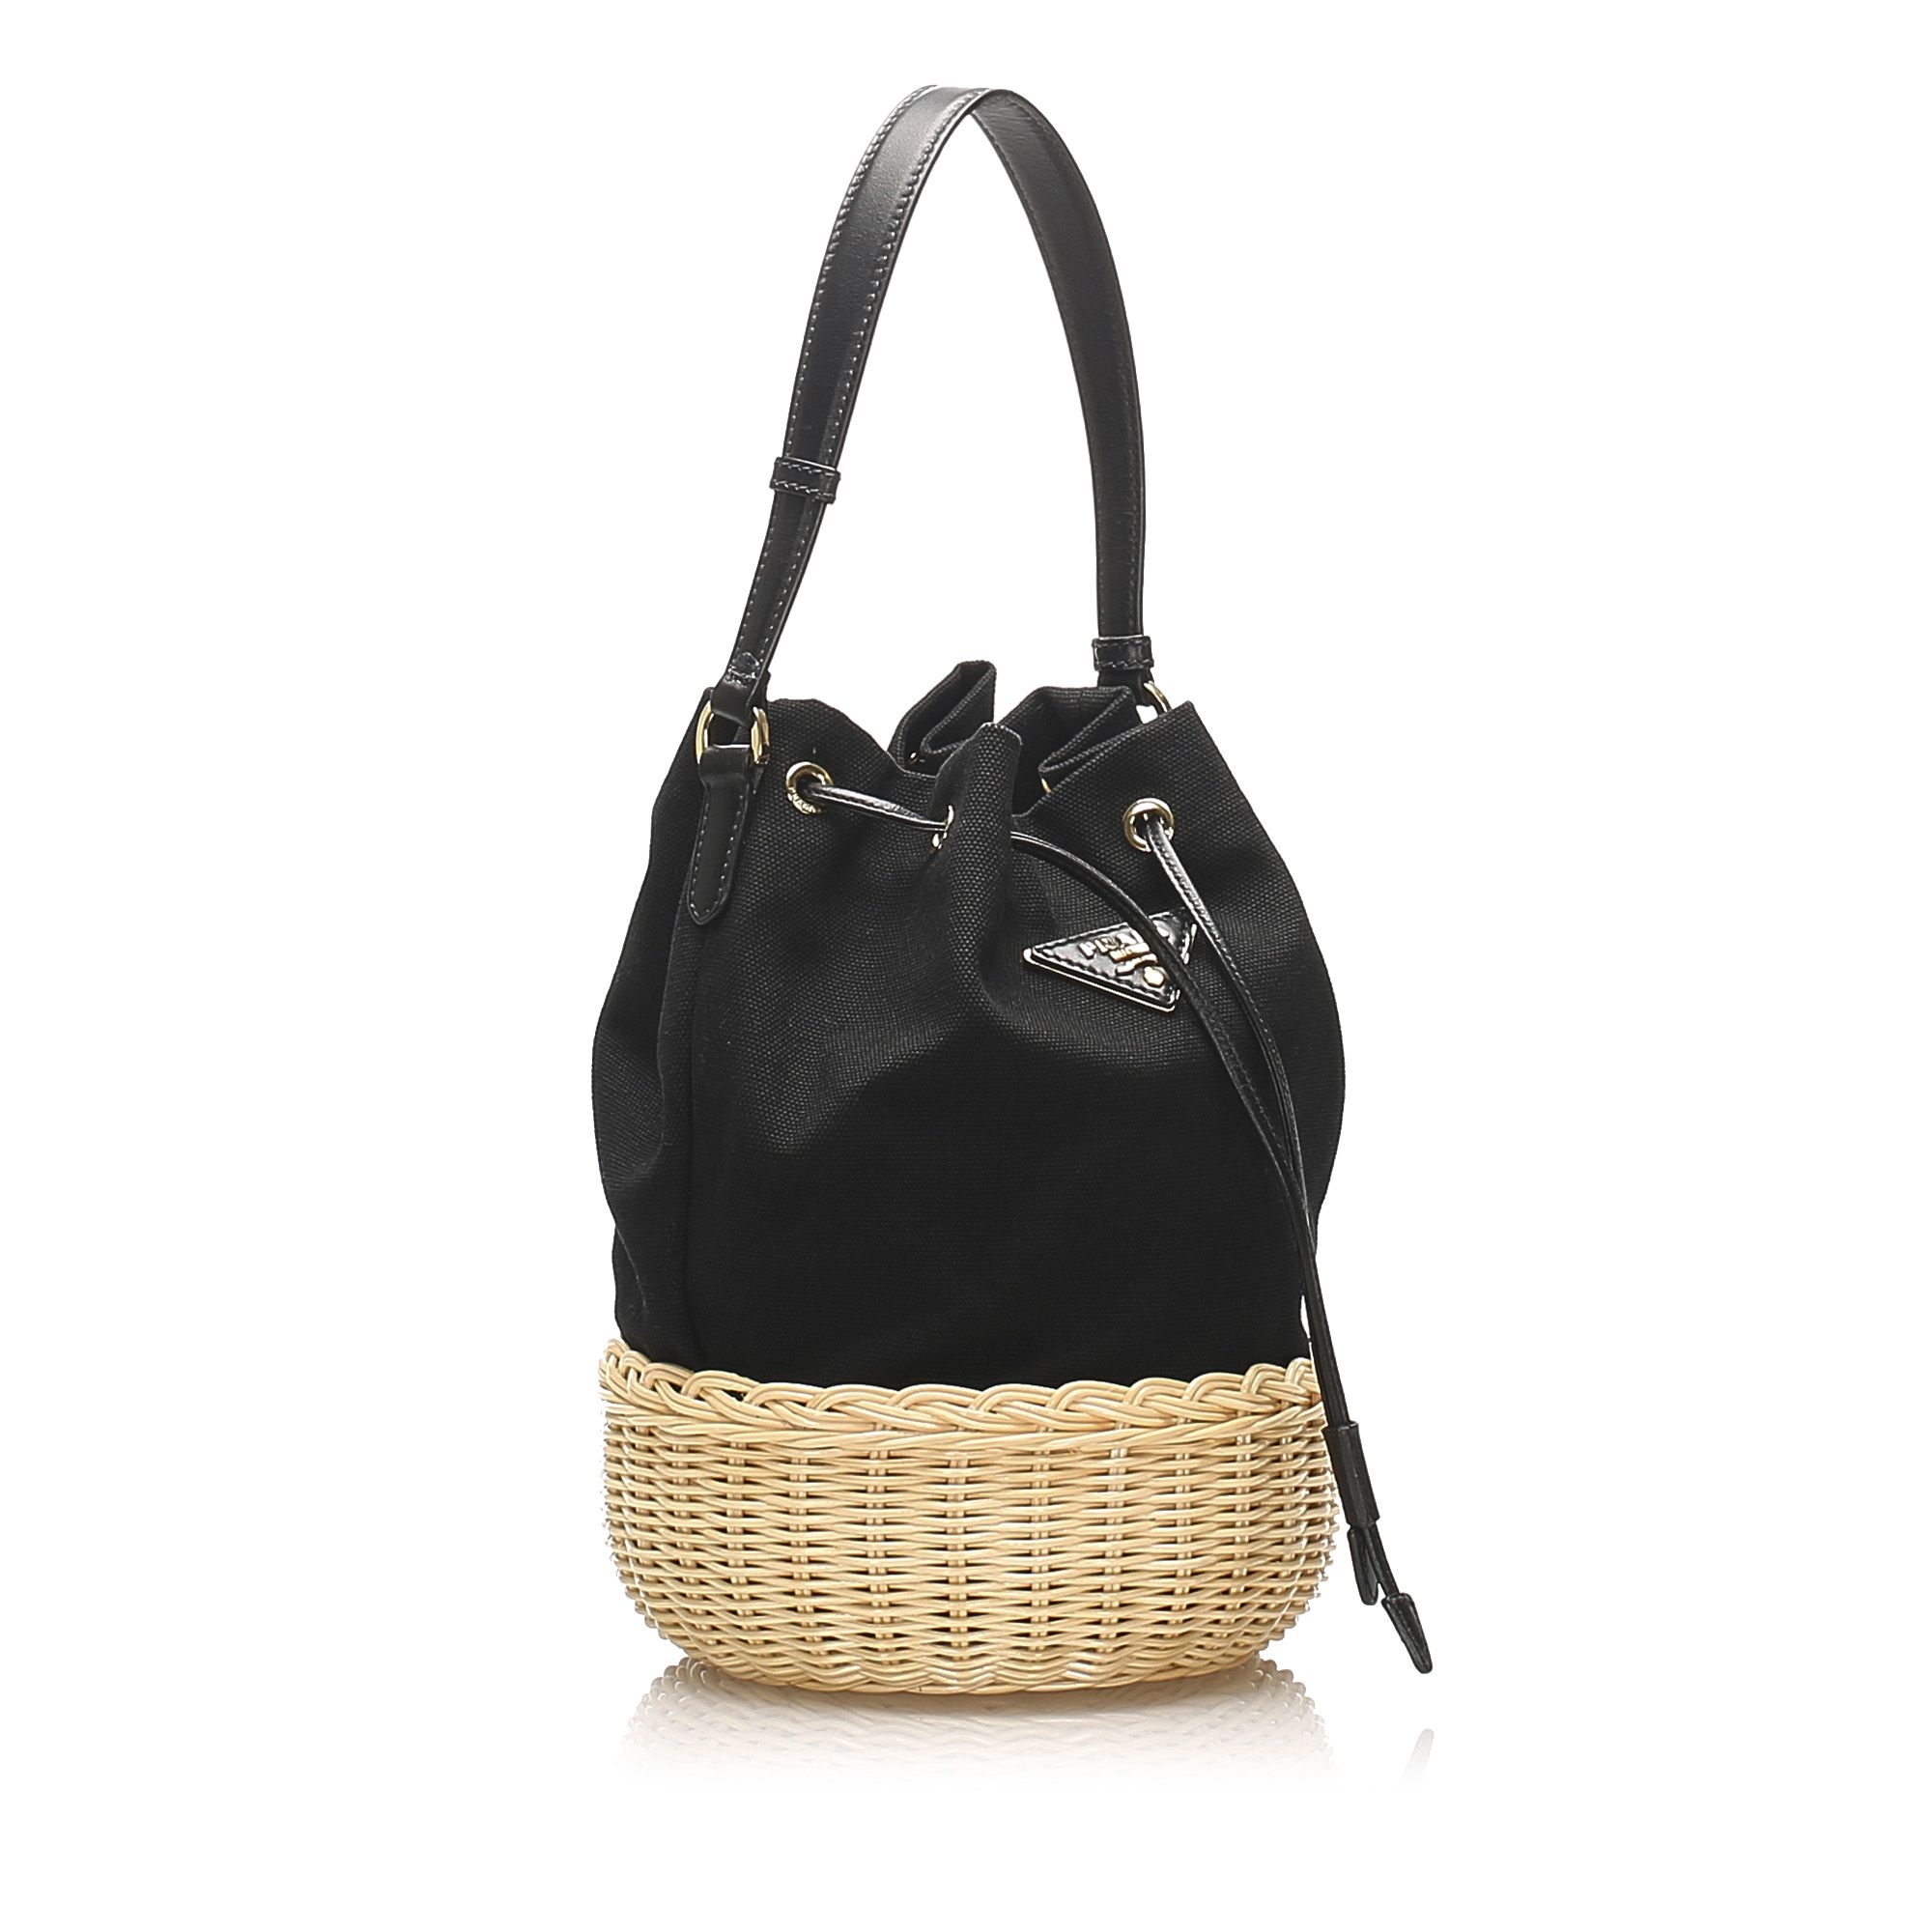 Vintage Prada Canvas Bucket Bag Black